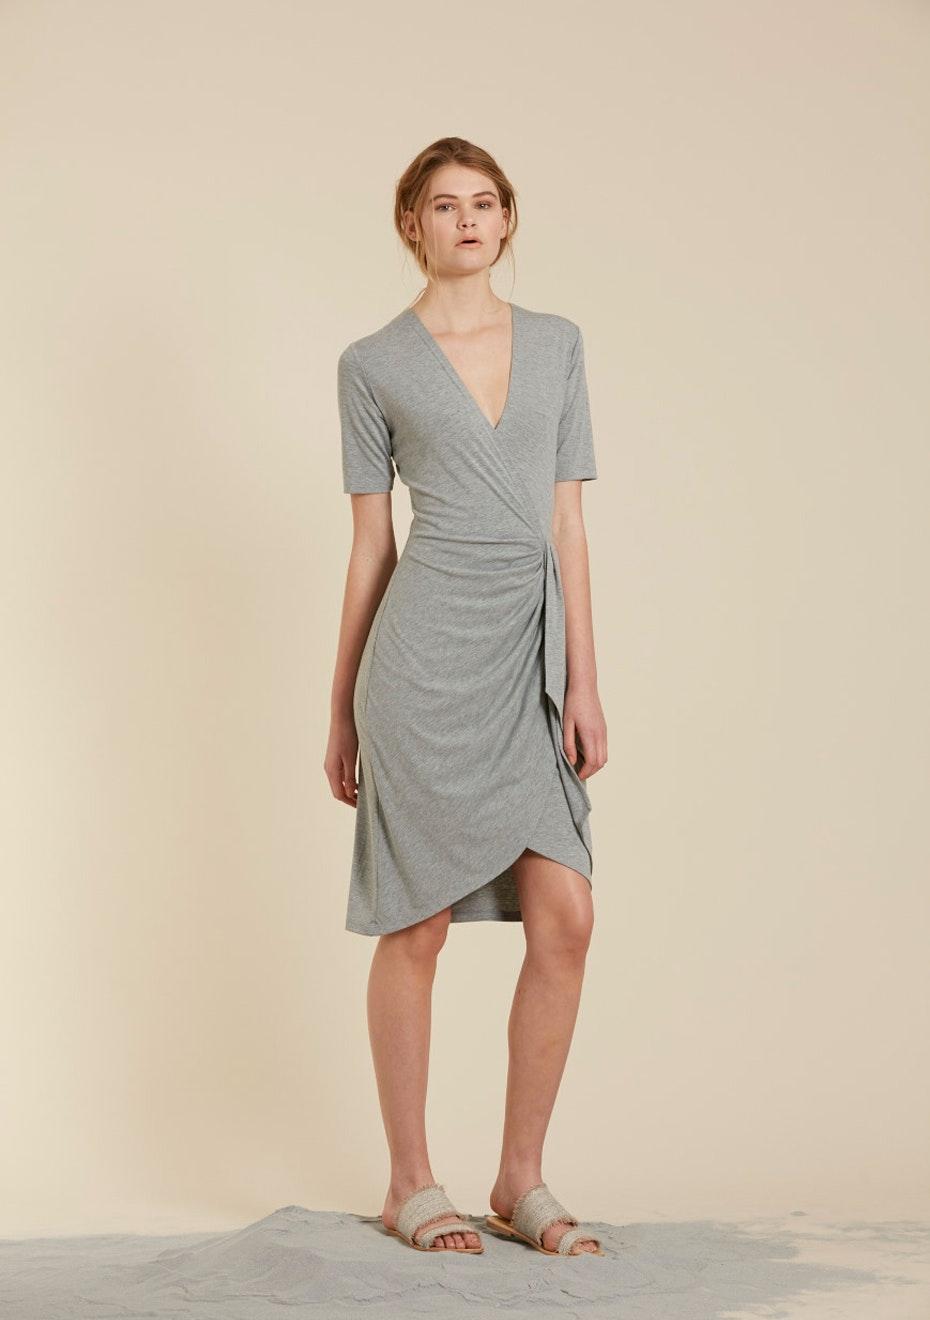 Harman Grubisa - Kiki Dress - Grey Marle